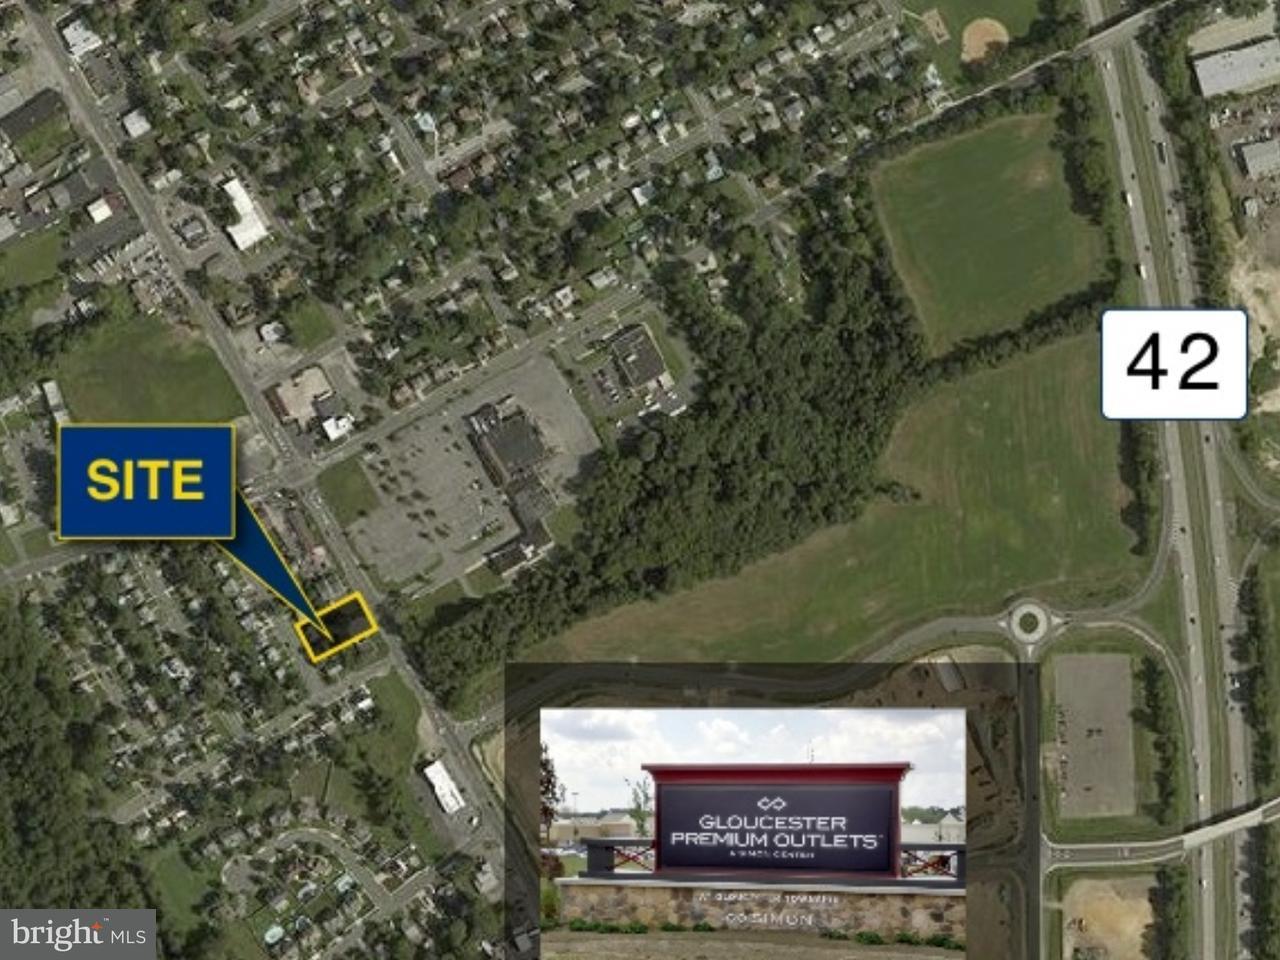 Частный односемейный дом для того Продажа на 720 S BLACK HORSE PIKE Gloucester, Нью-Джерси 08012 Соединенные Штаты